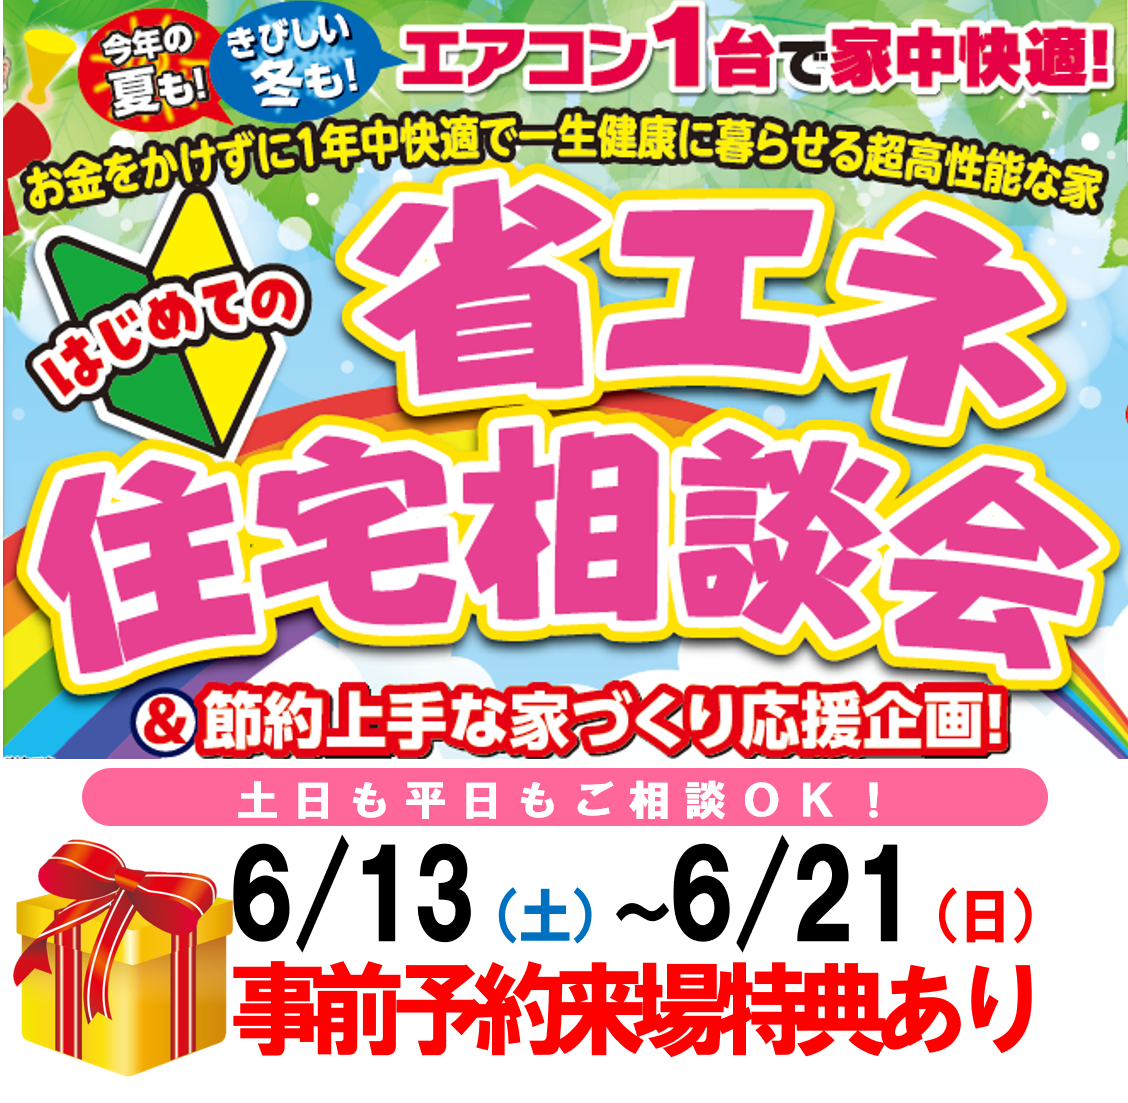 【3000円分の商品券&抽選会】はじめての省エネ住宅相談会!